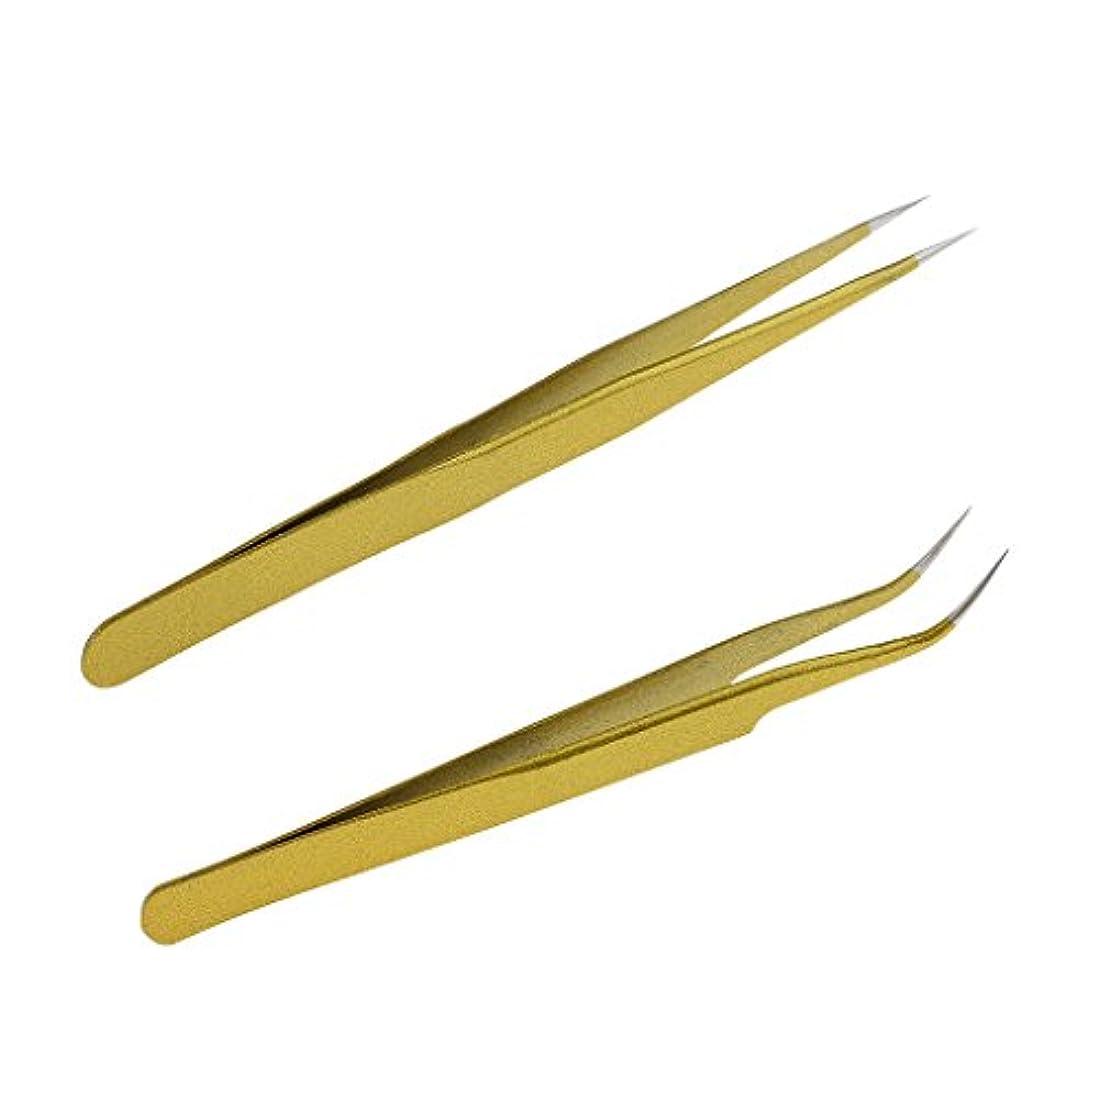 強化自己尊重特徴づける毛抜き ピンセット ステンレス 曲線 ストレート まつげエクステンション ゴールド 2本セット